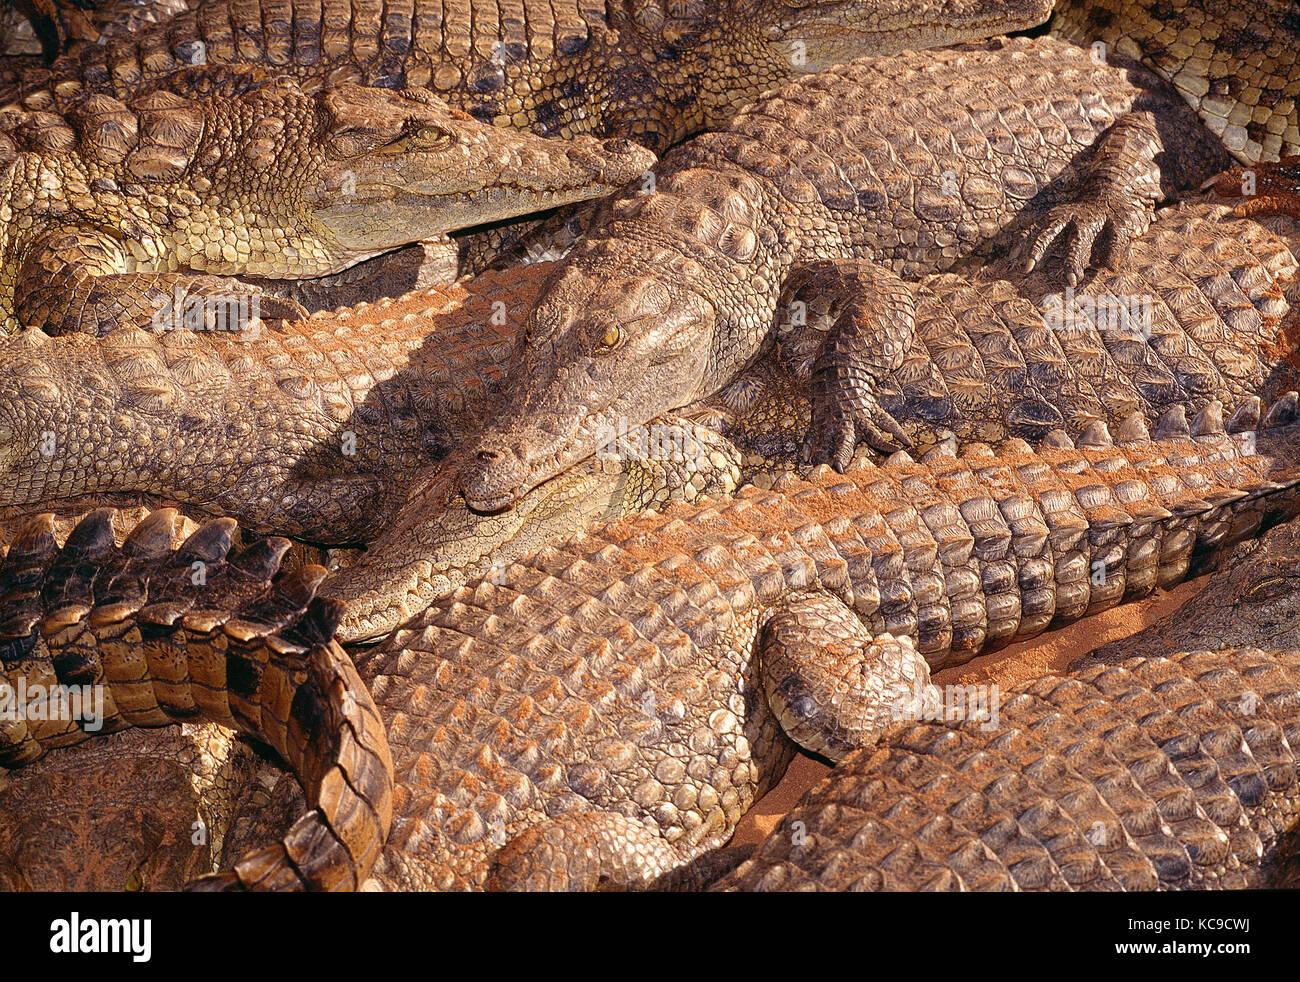 Zimbabwe. wildlife. coccodrilli del Nilo farm. Immagini Stock